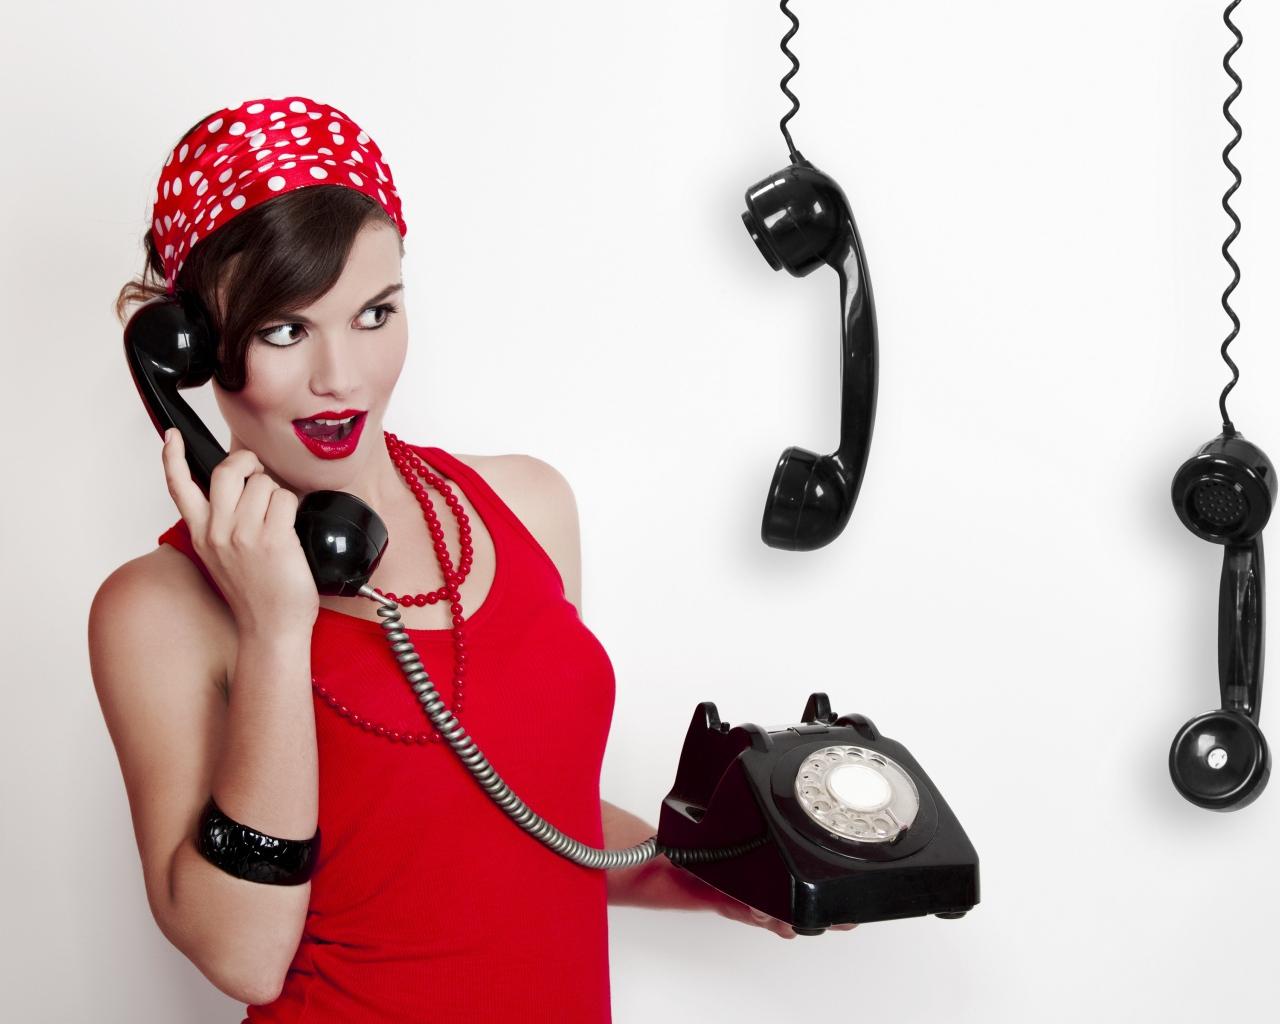 черные парни вызывали по телефону девушку - 11